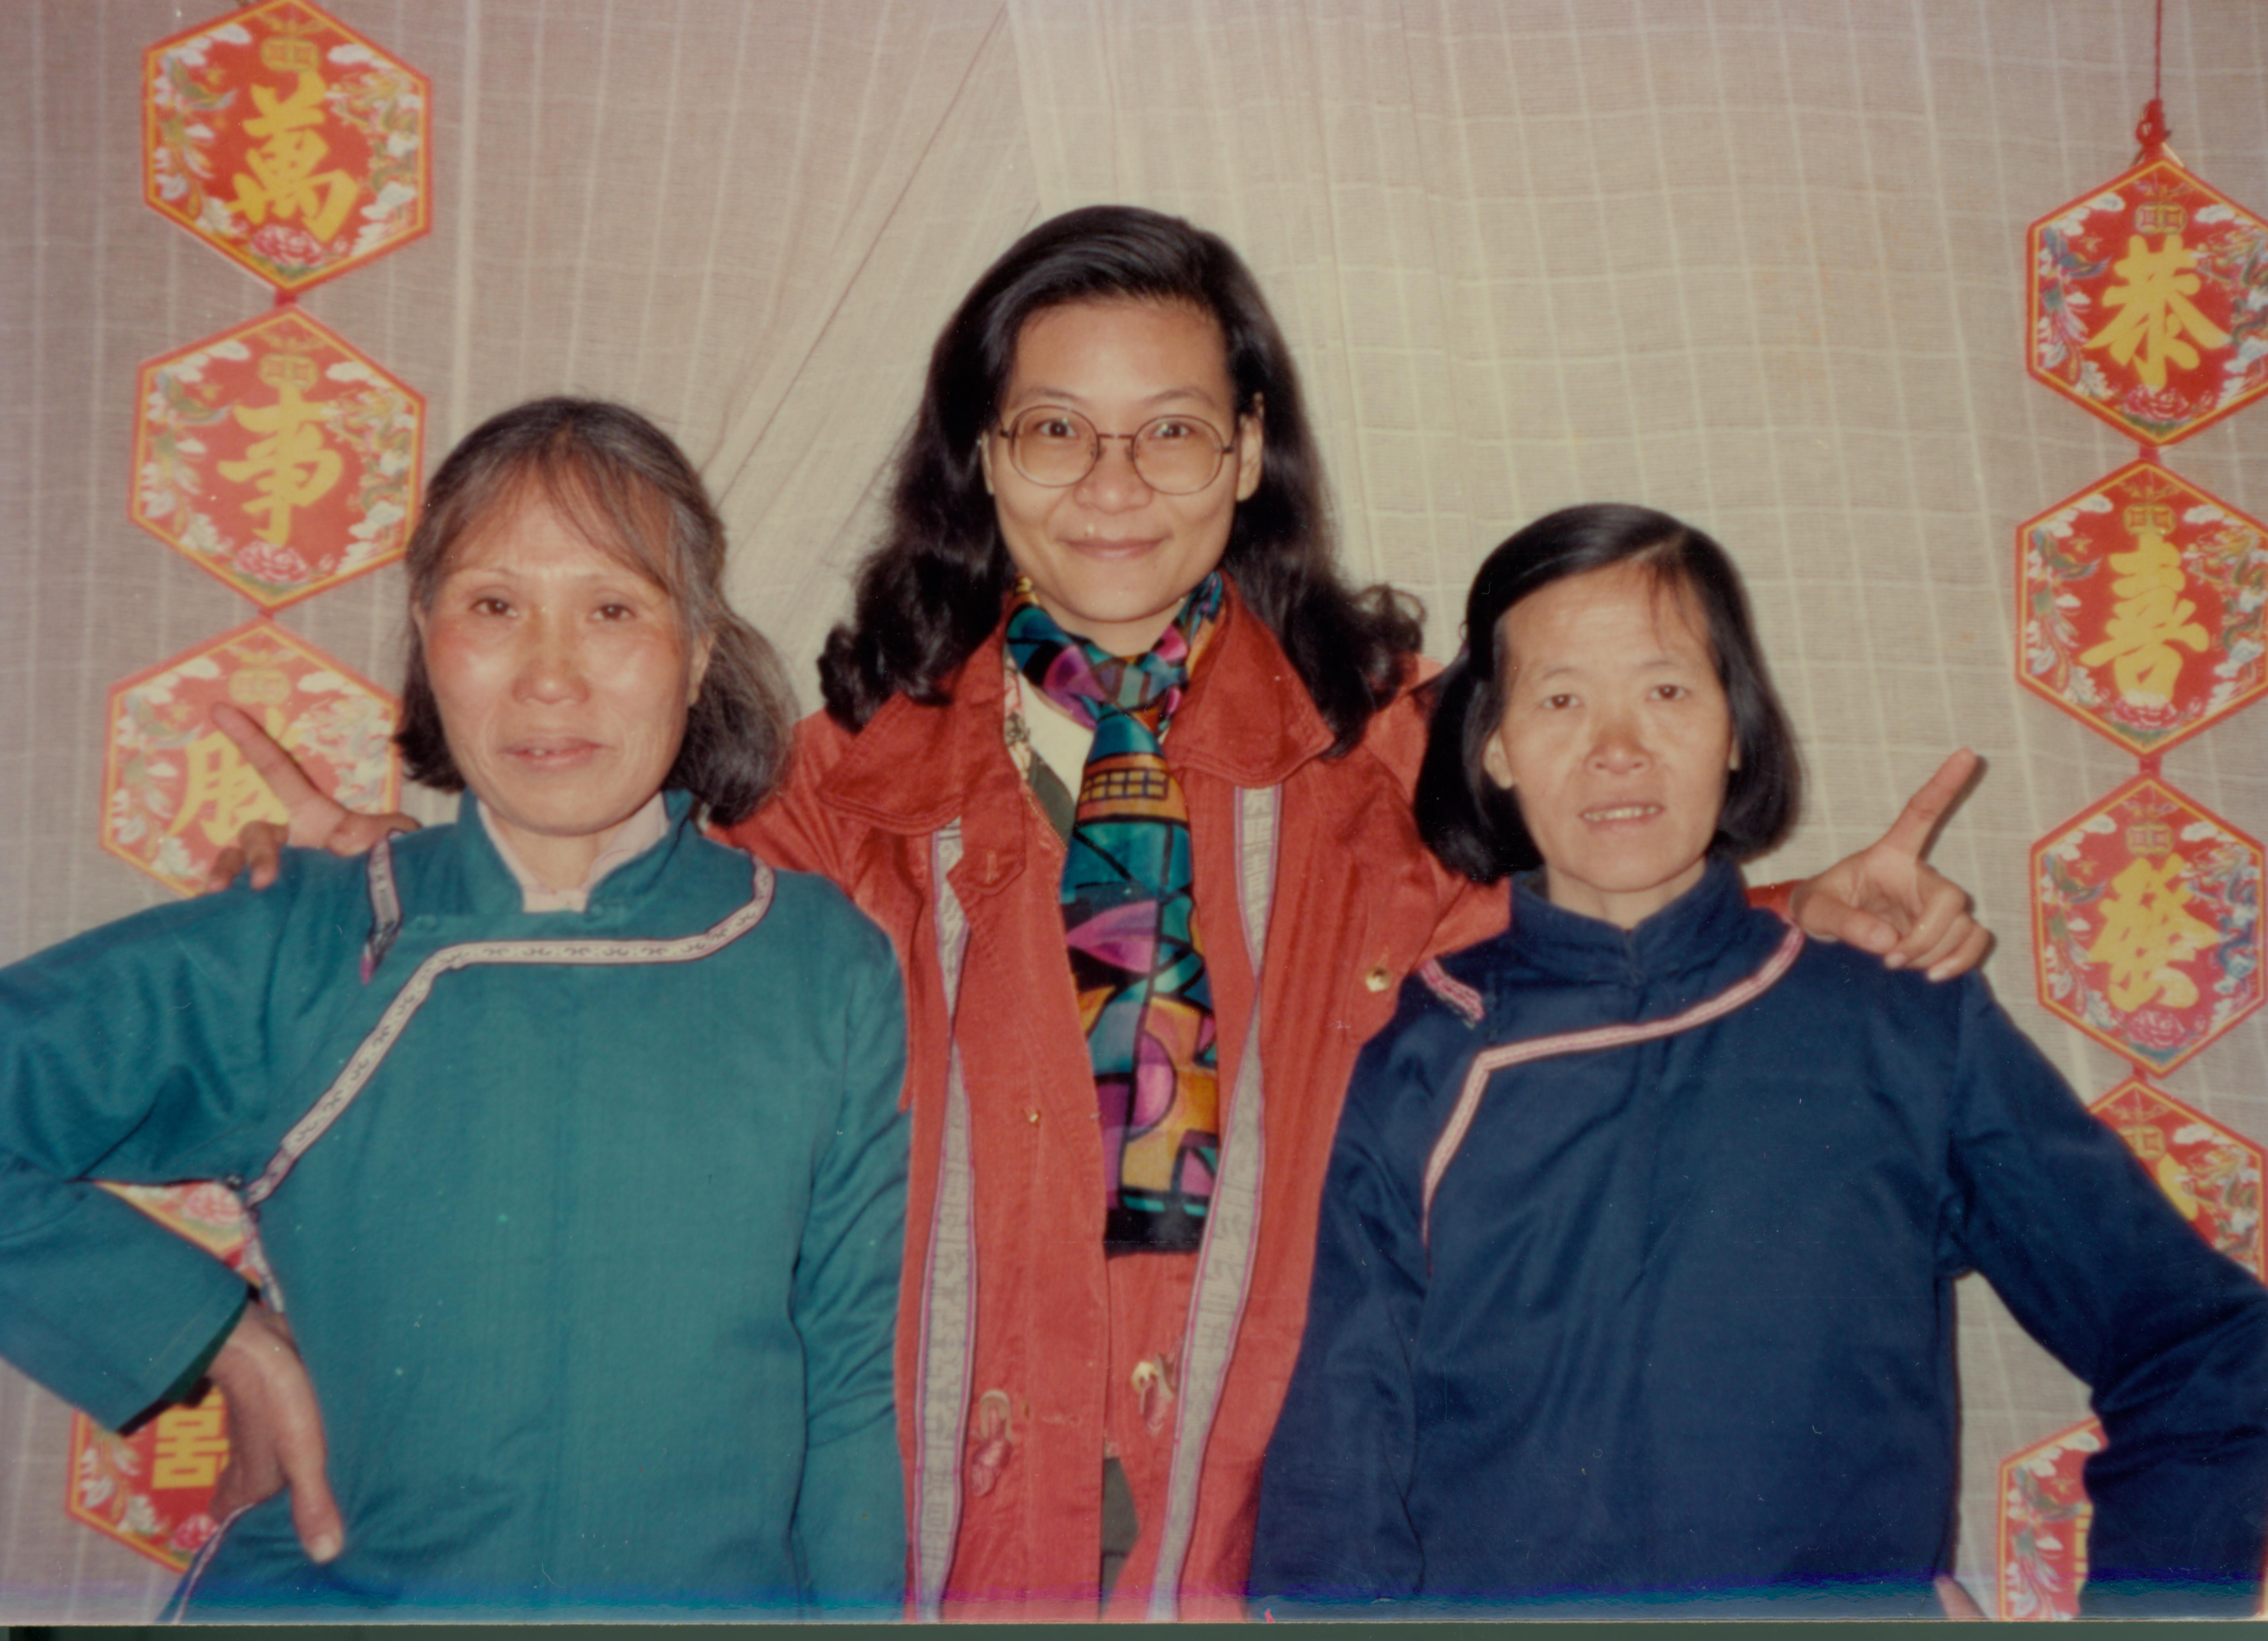 一位是臺灣人類學家,兩位中國農村婦女(左一為何豔新,右一為龍玉),原本相隔千里、毫無關係,因為女書讓她們牽繫起姊妹緣分,直至今日。圖片來源│劉斐玟